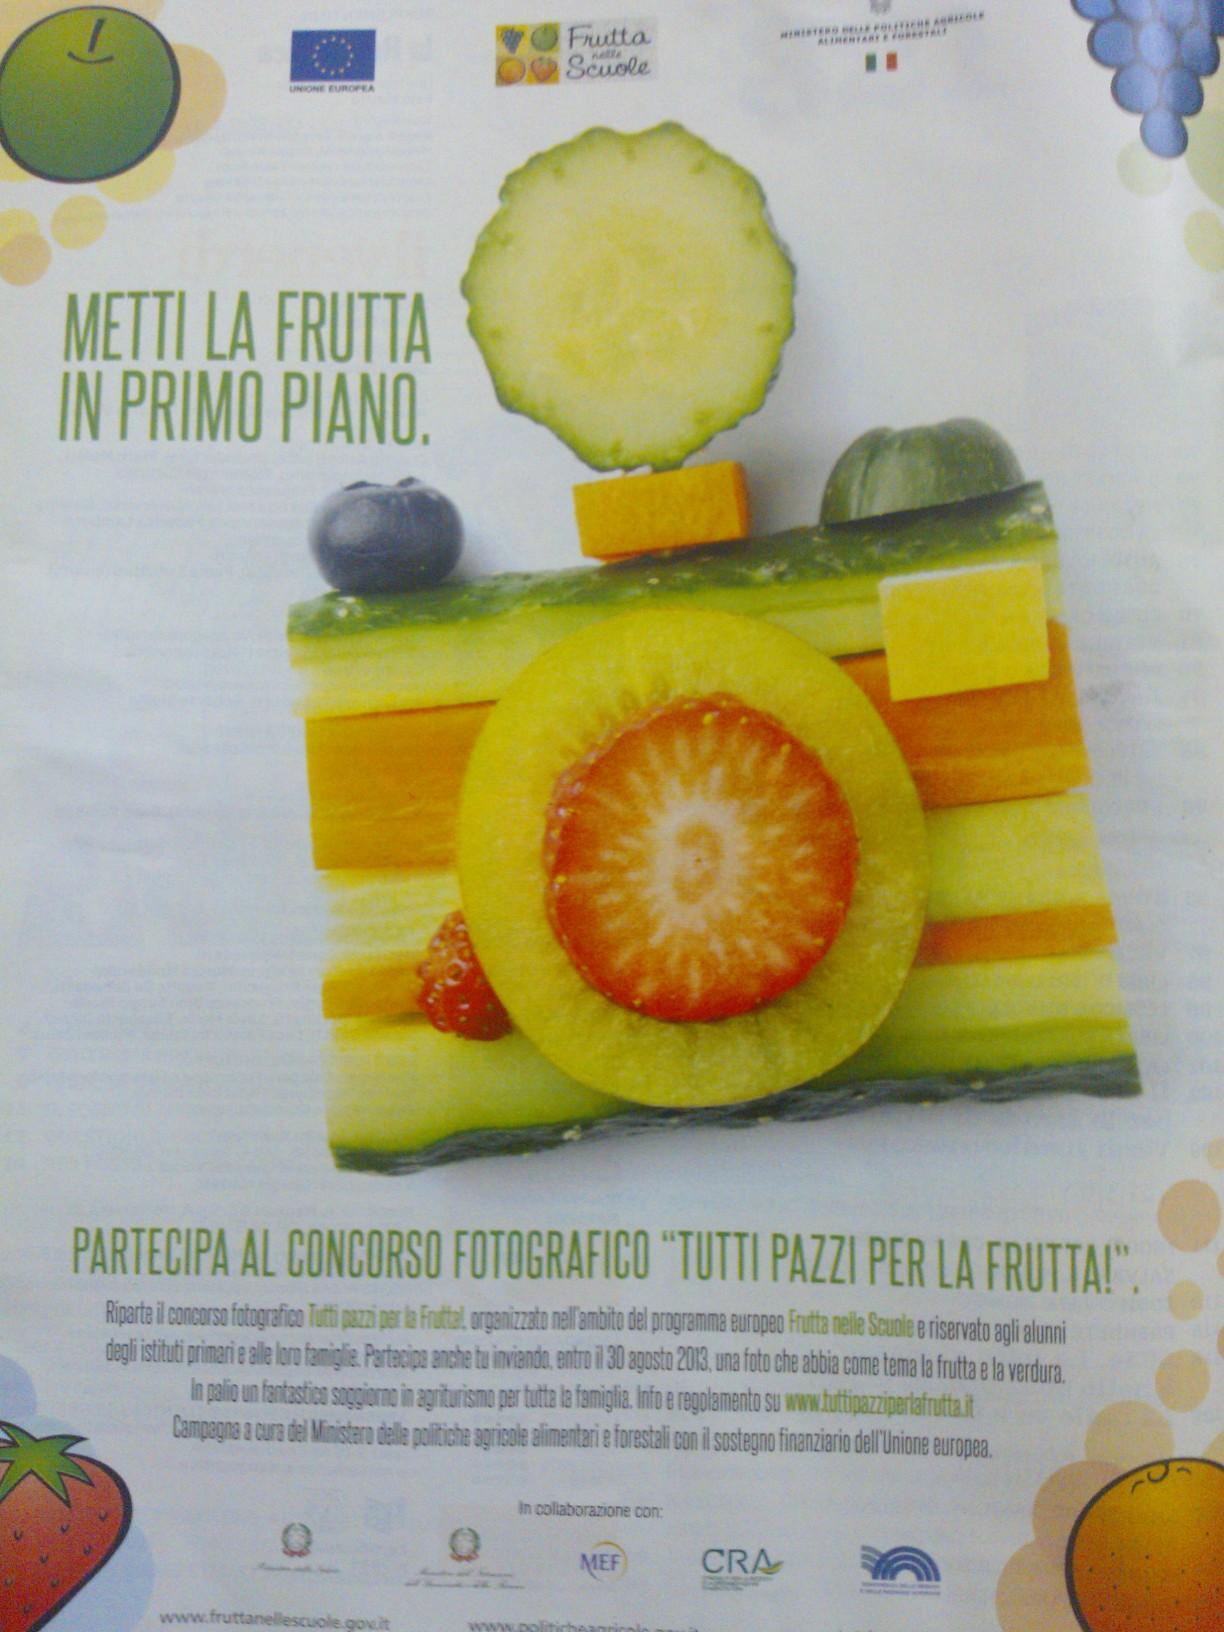 Frutta Nelle Scuole Calendario Distribuzione.Frutta Nelle Scuole Risultati Della Ricerca Trashfood